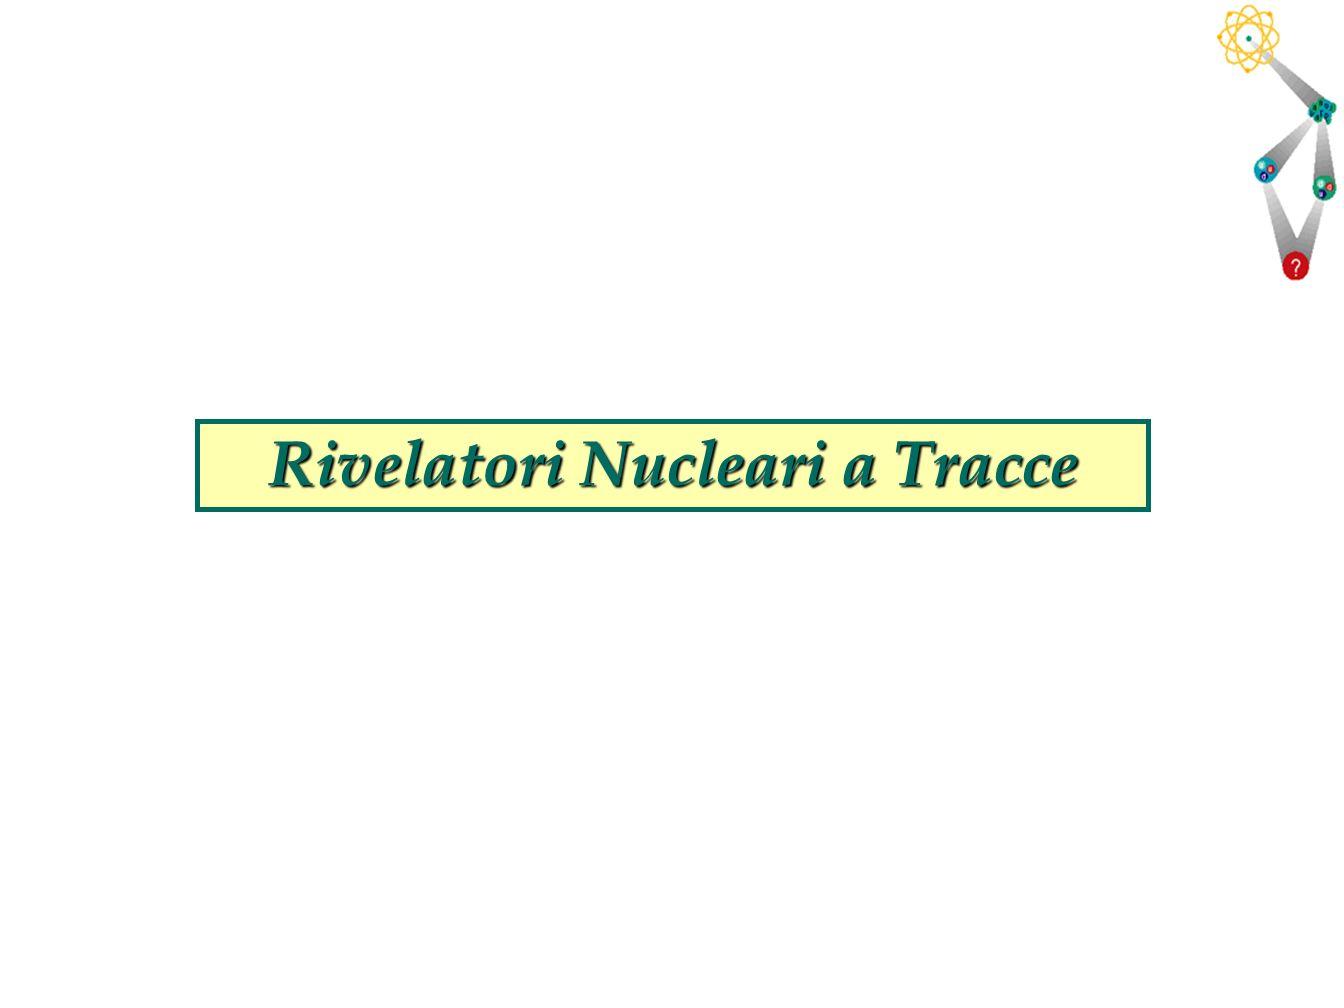 Rivelatori Nucleari a Tracce